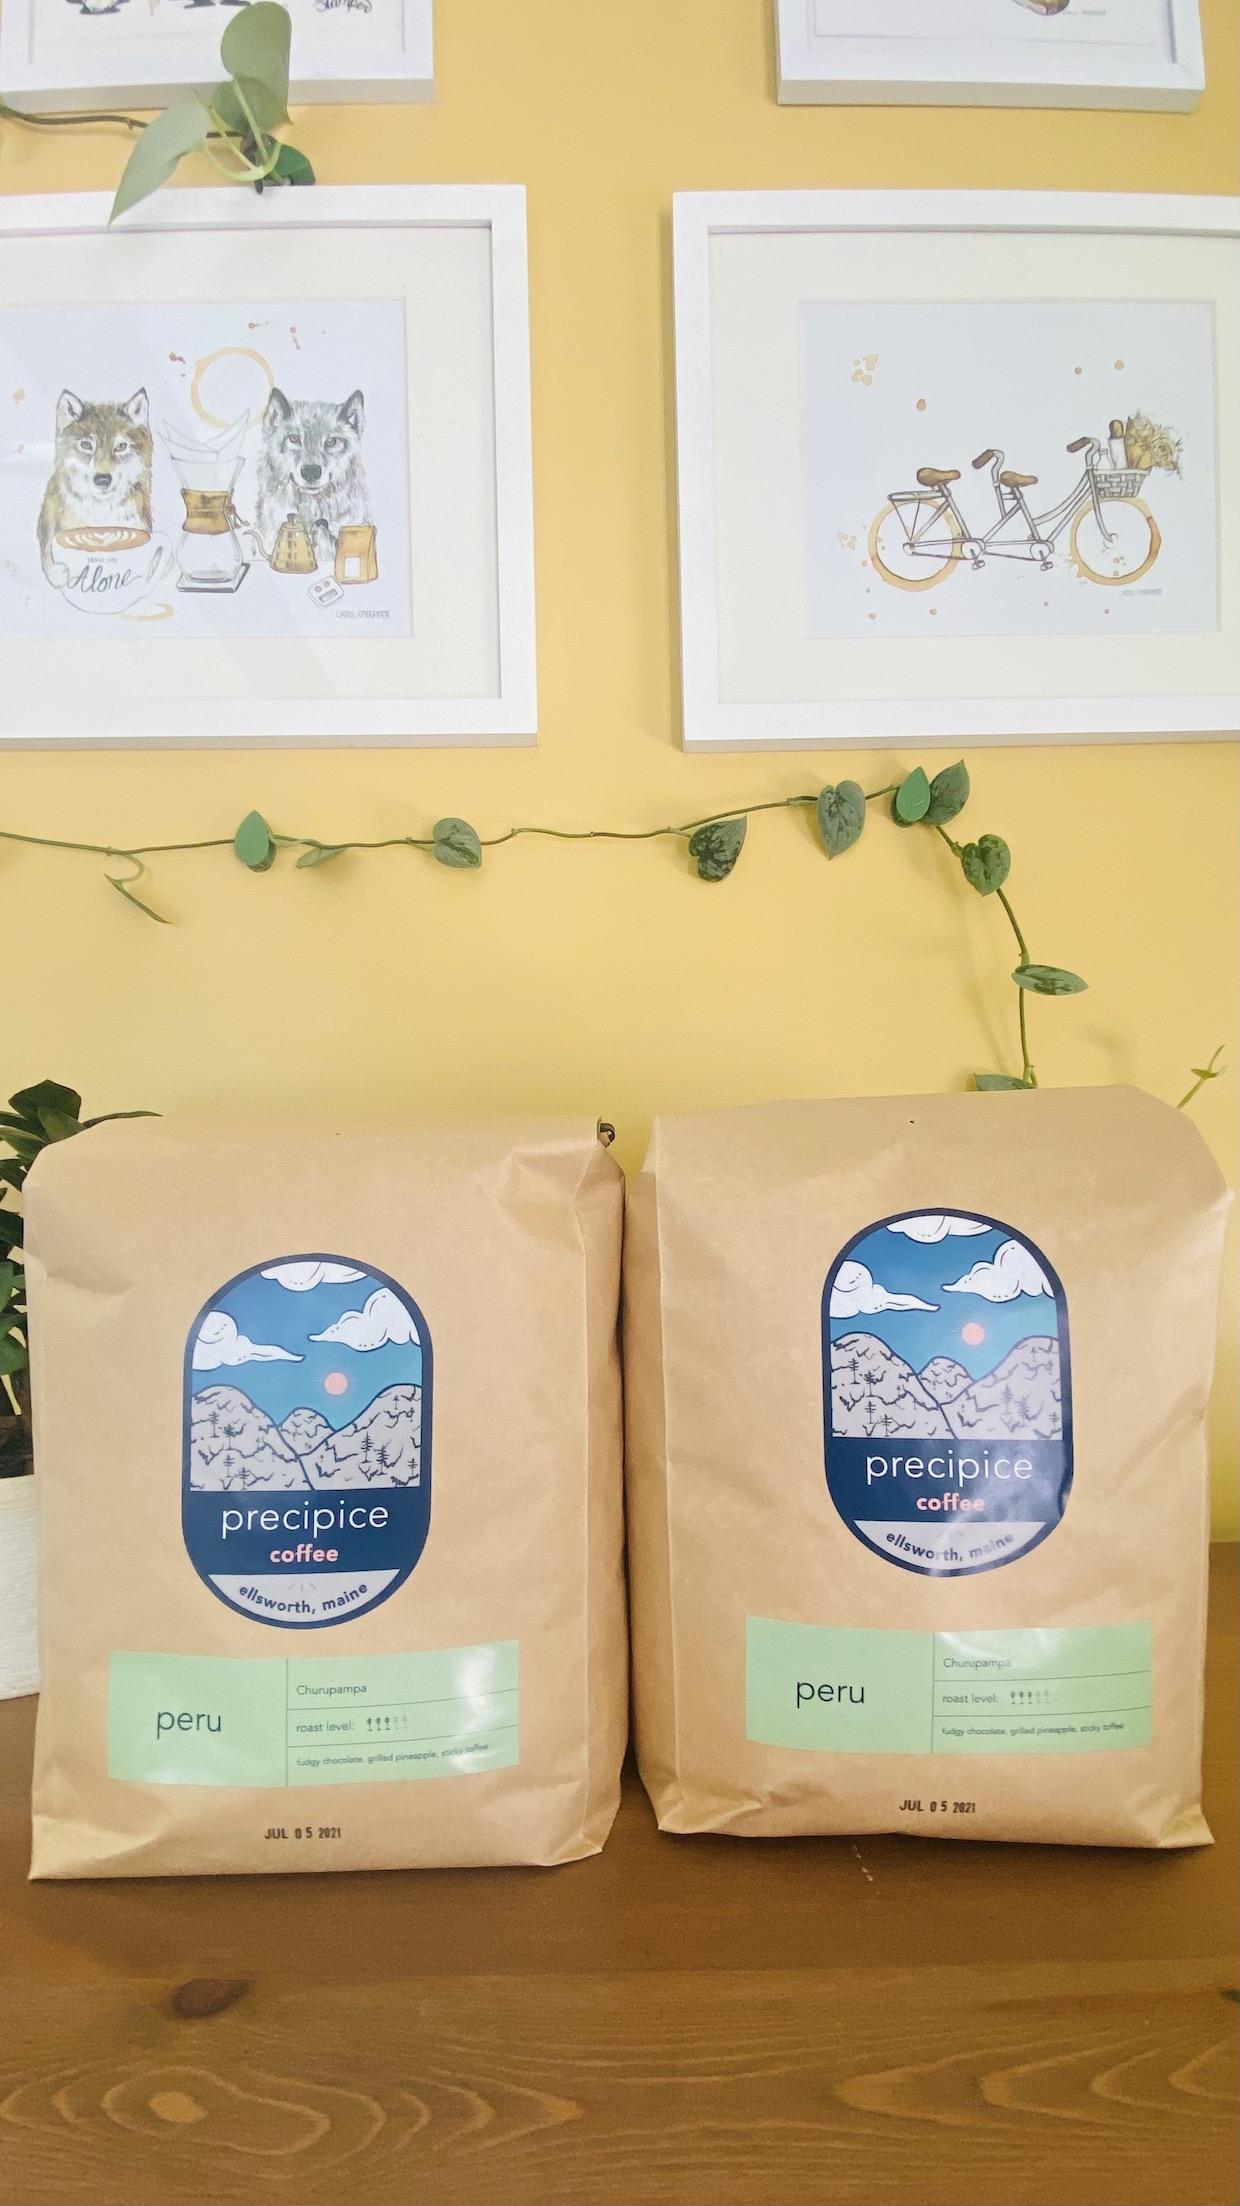 Precipice Coffee bag